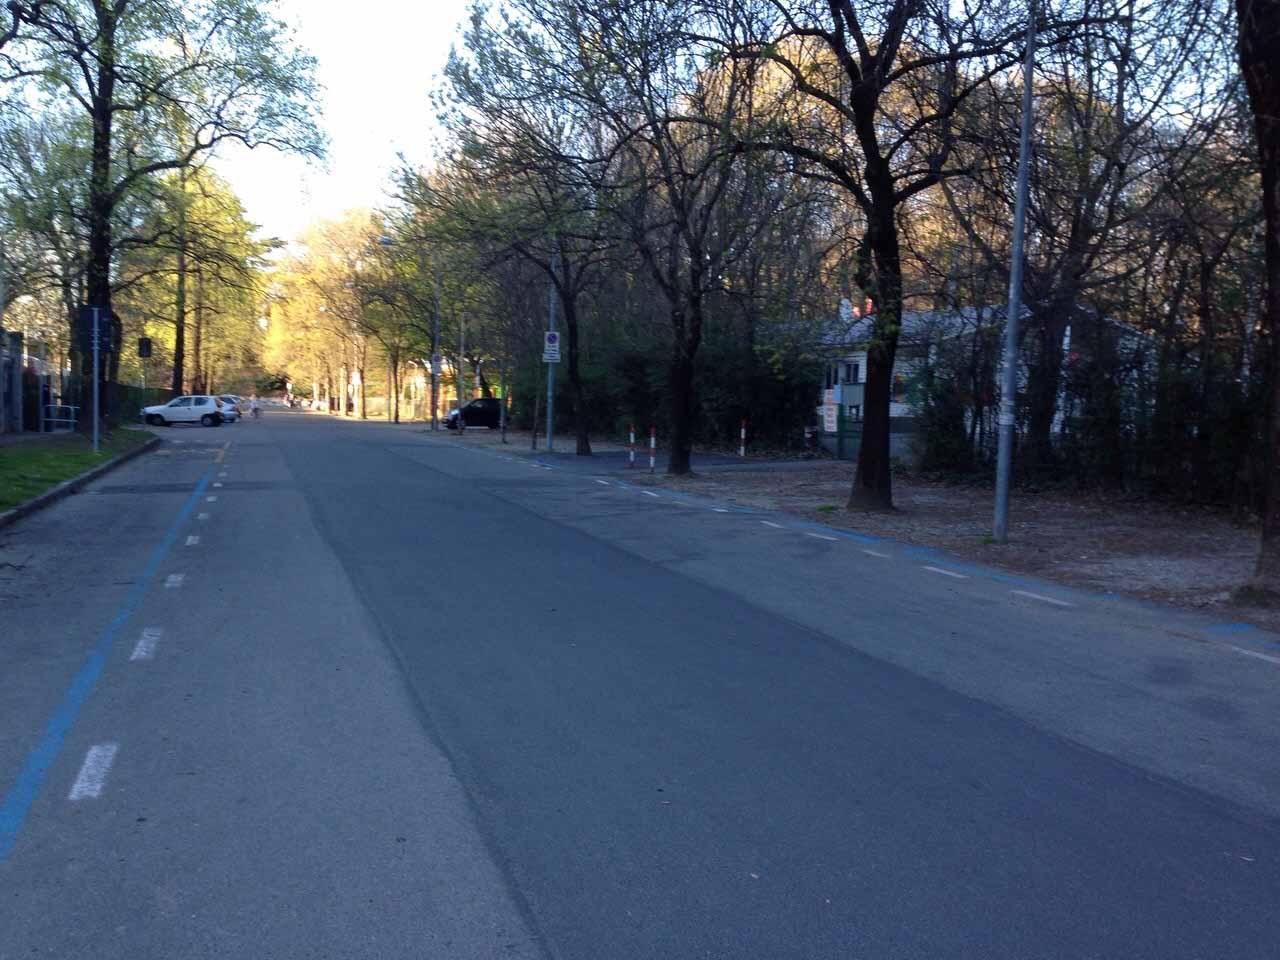 Cimitero municipale: a fine aprile riapertura totale del V Recinto